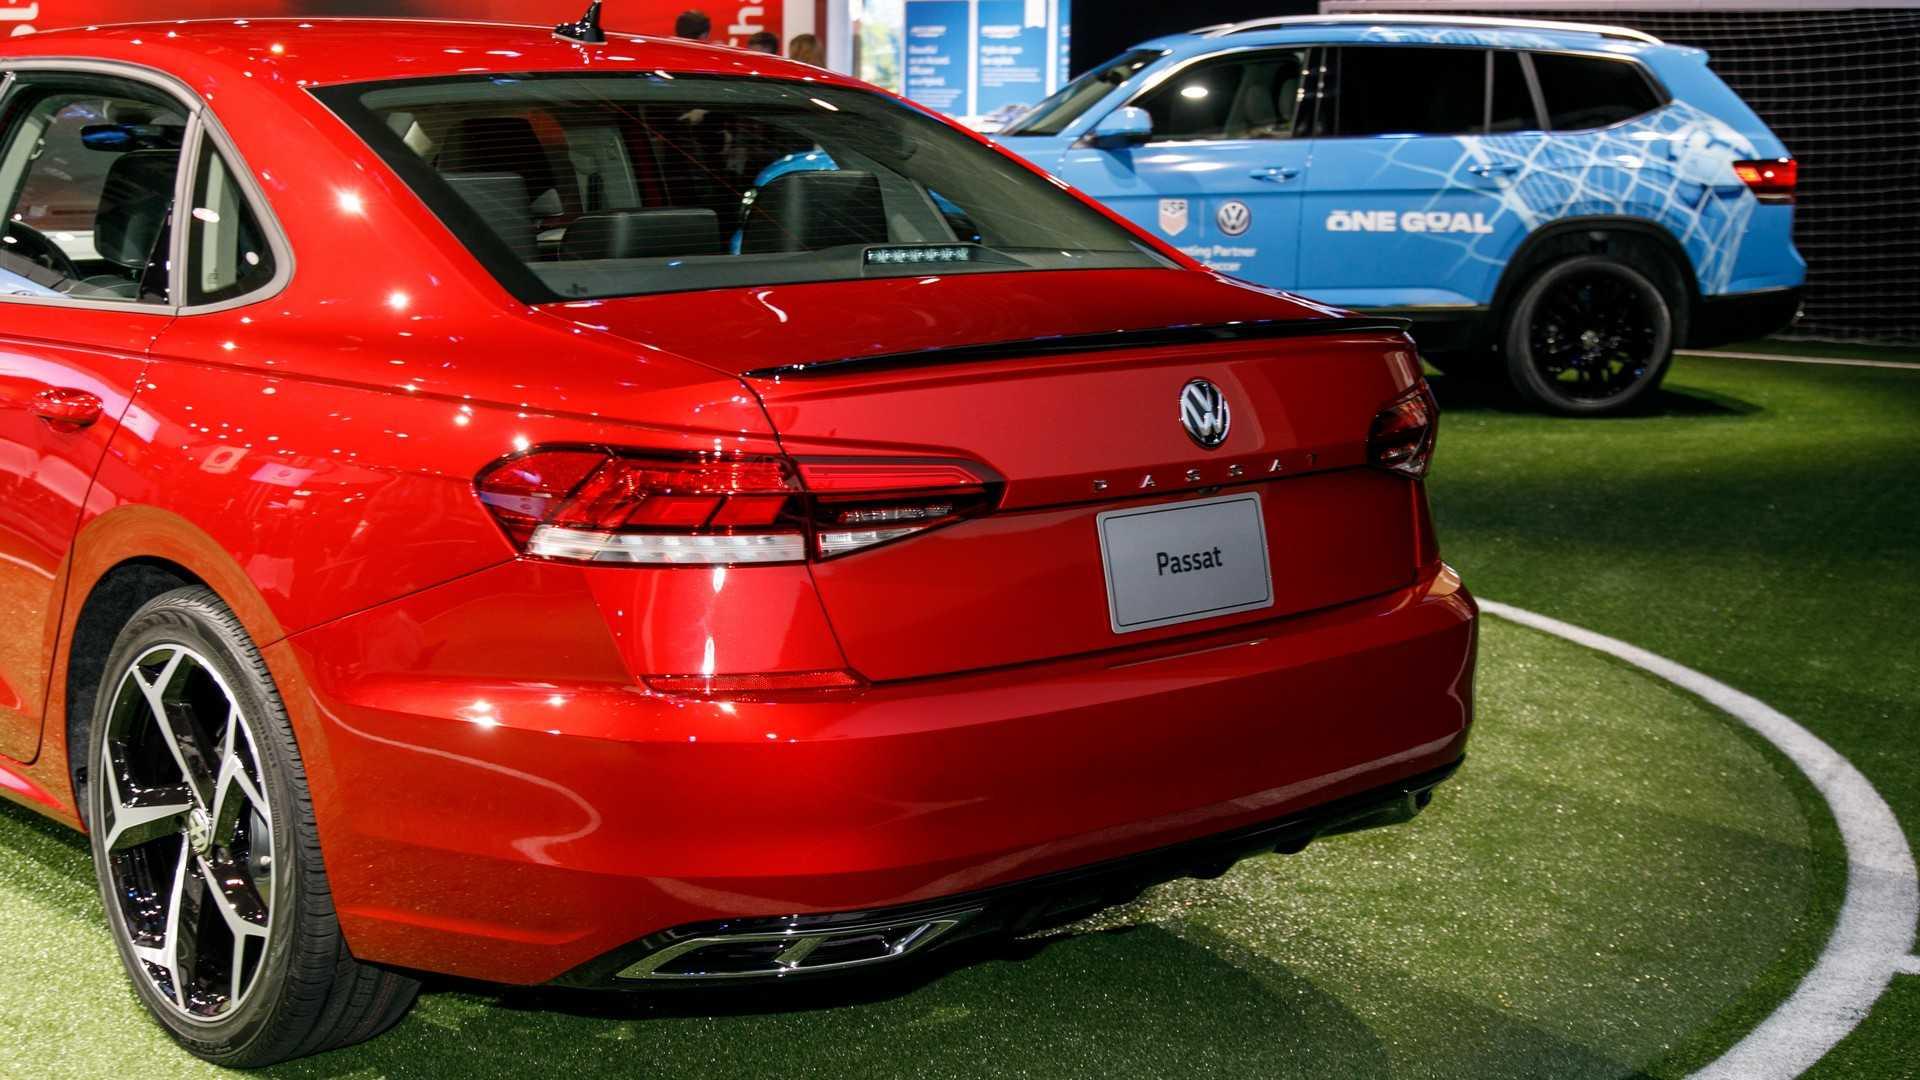 89 Great Volkswagen Cc 2020 Rumors for Volkswagen Cc 2020